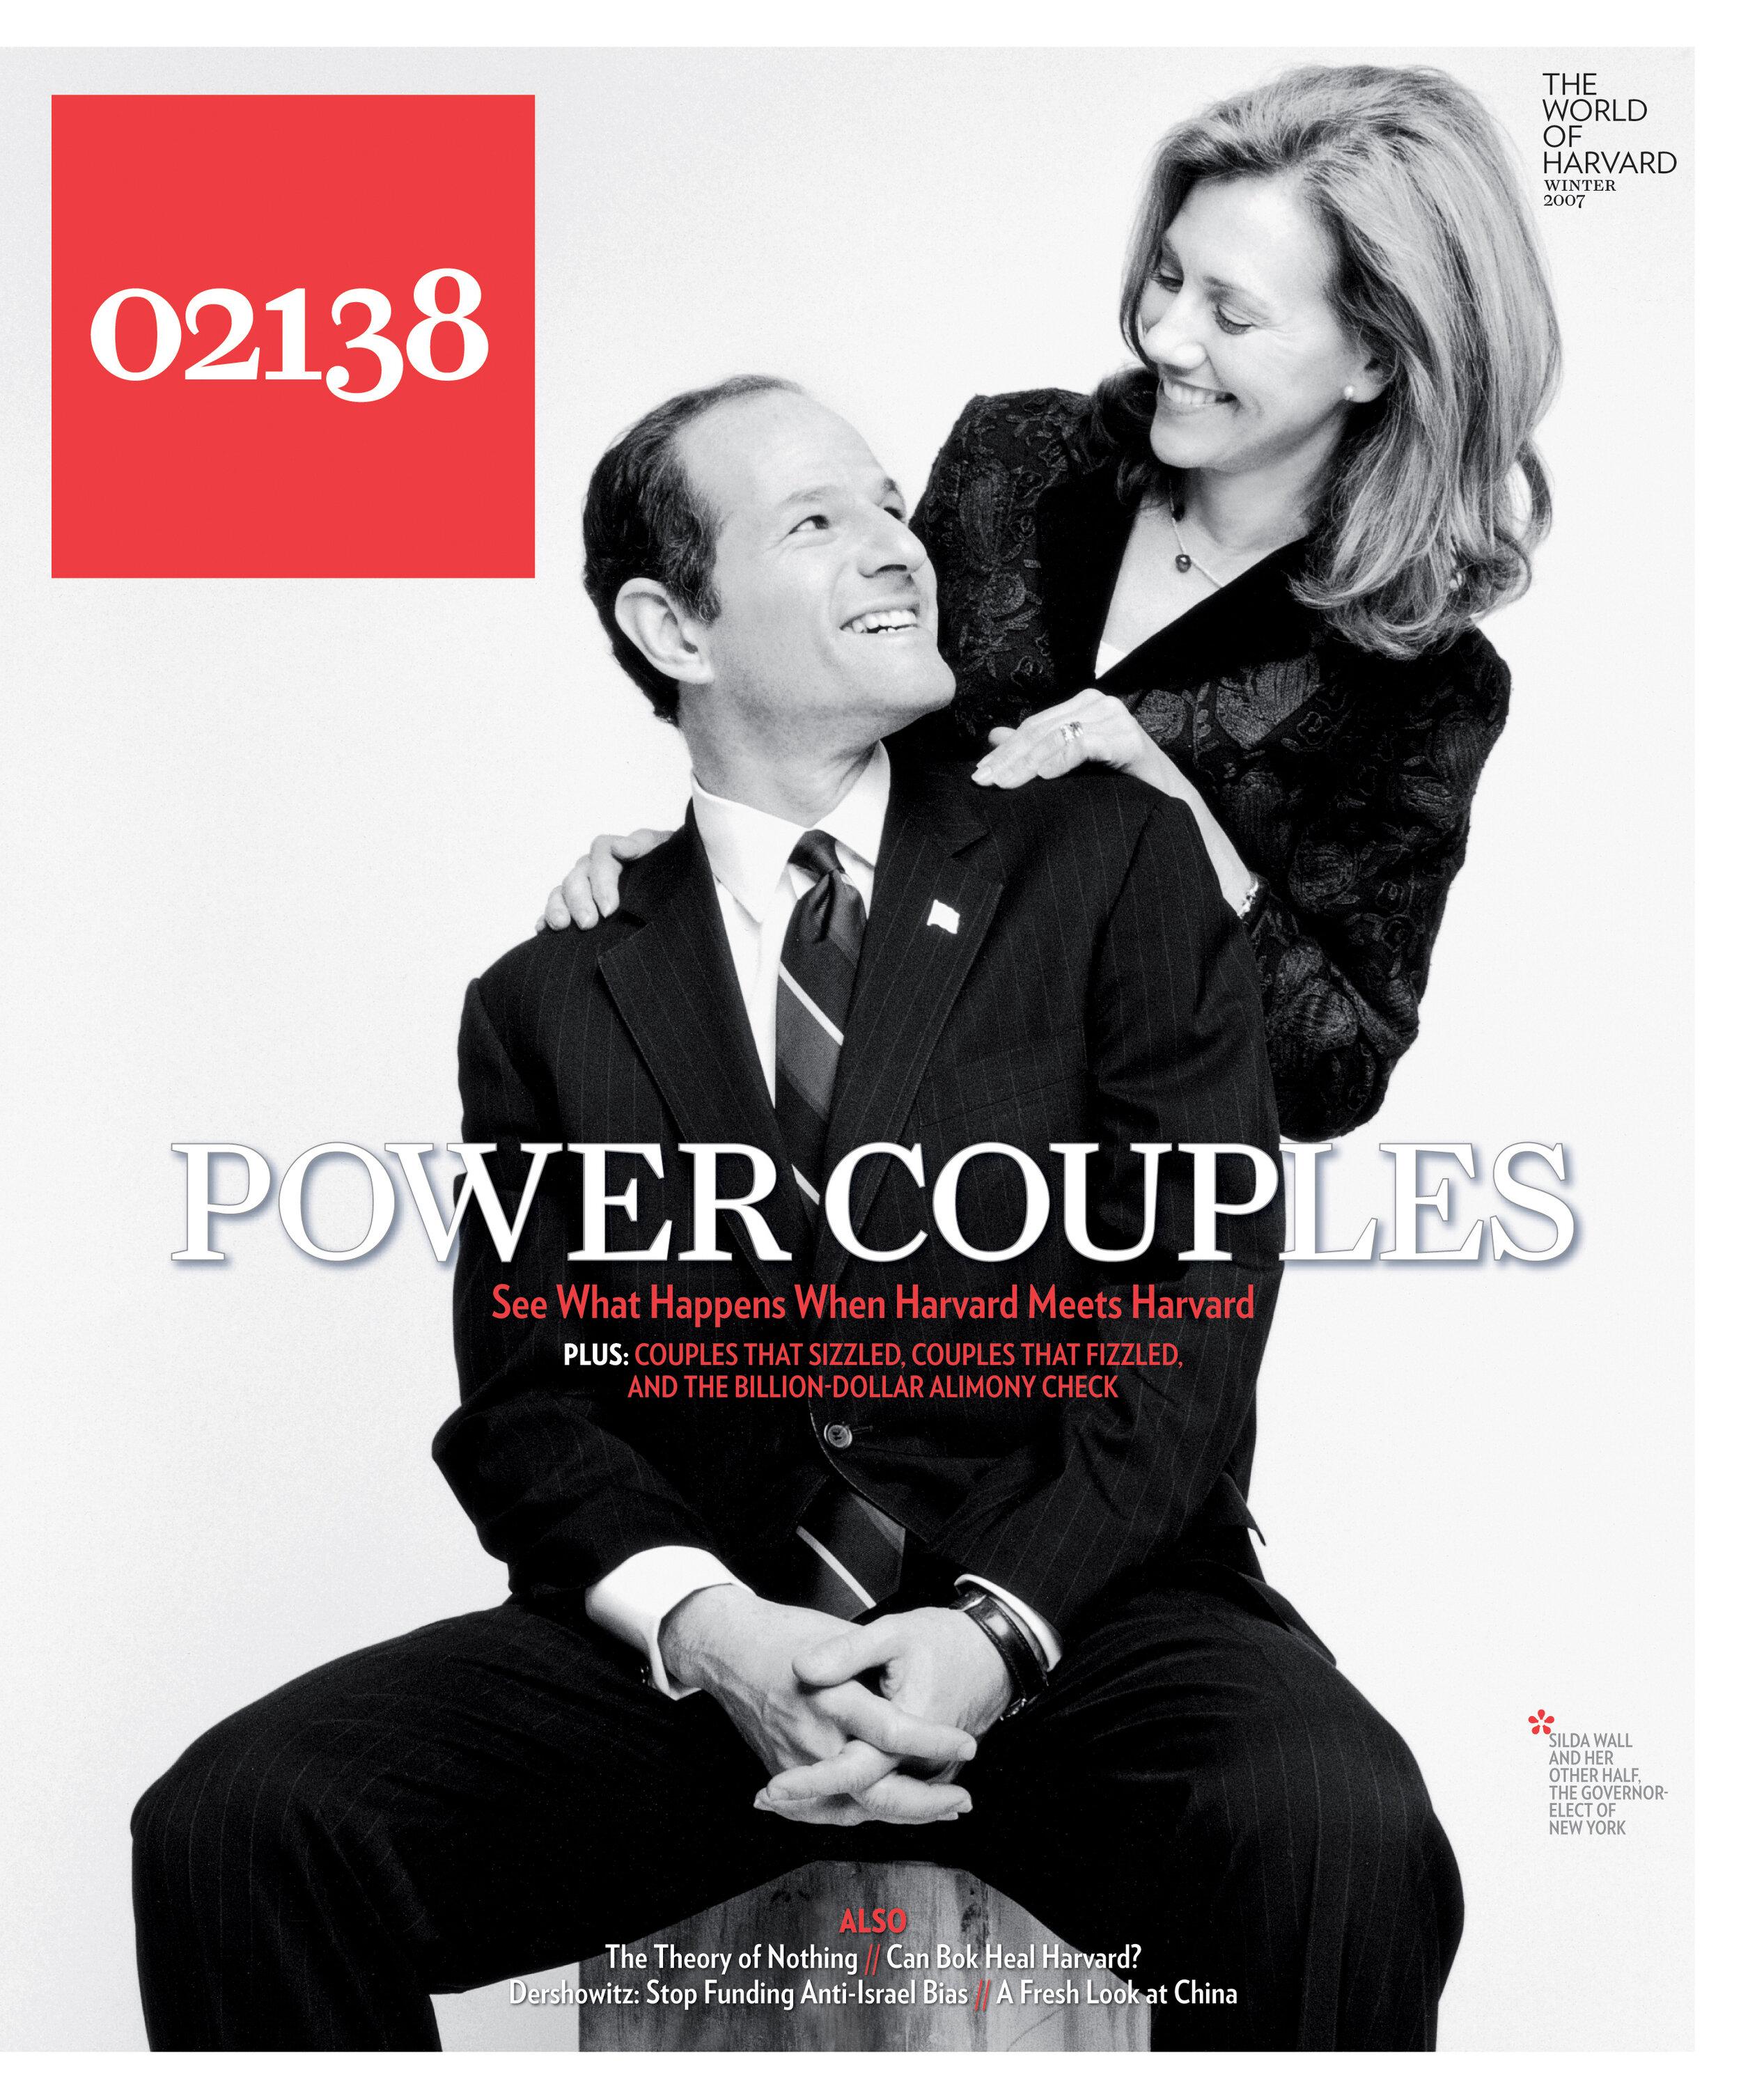 HRV_2007_01-COVER.jpg